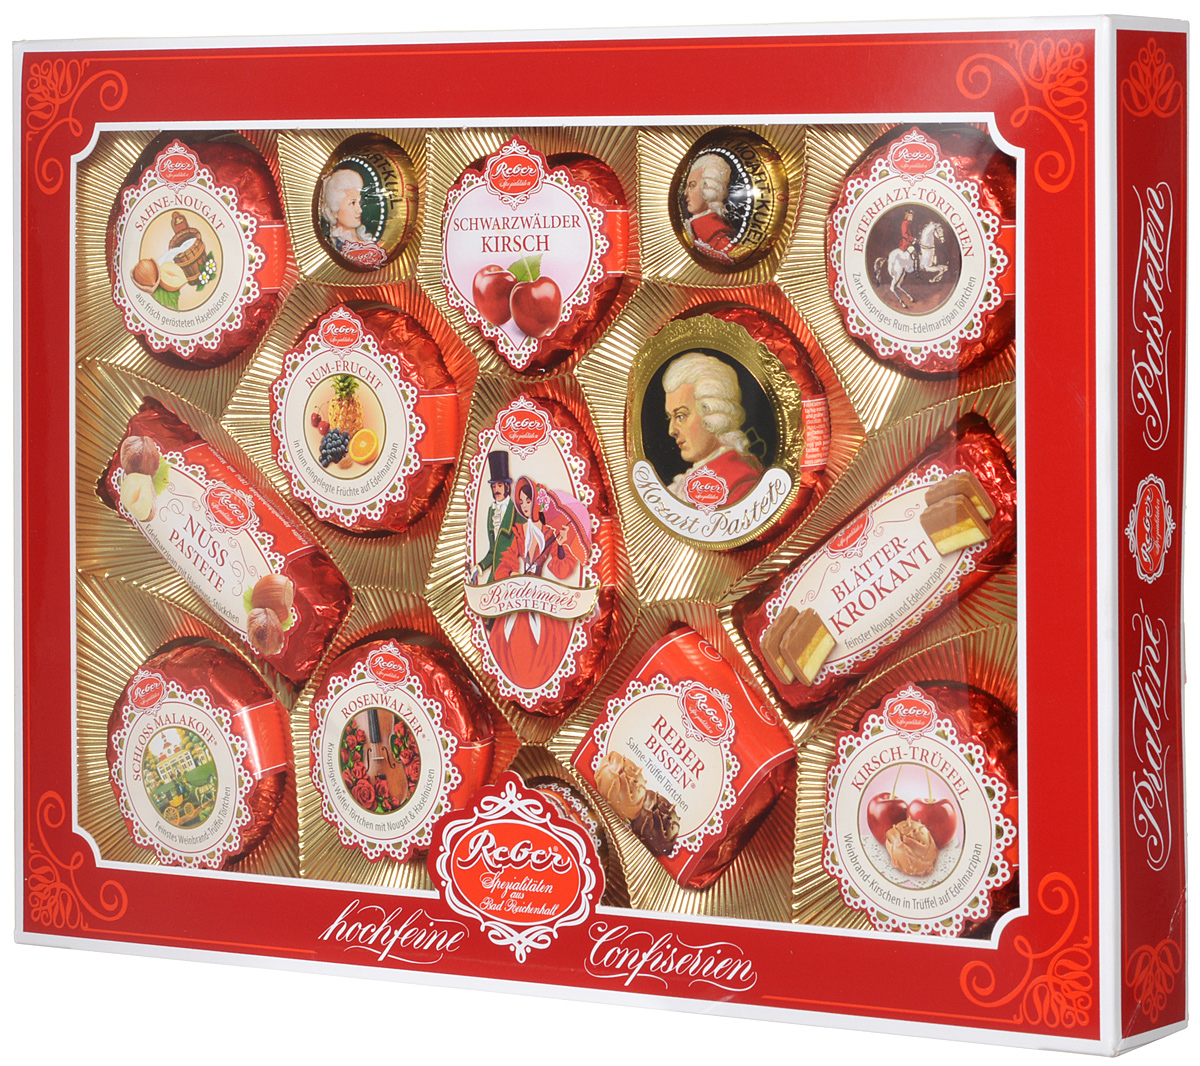 Reber Mozart подарочный набор шоколадных конфет, 525 г (коробка с окном)1410103Шоколадные конфеты от Reber Mozart - это не просто конфеты, это настоящие кондитерские шедевры. Впервые конфеты Ребер Моцарт были выпущены в 1890 году, через 100 лет после смерти великого Моцарта, и сразу завоевали невероятную популярность. Известные своим исключительным качеством, оригинальностью и изысканным дизайном, шоколадные деликатесы Reber в форме небольших подарочков – это настоящие драгоценности для ценителей.